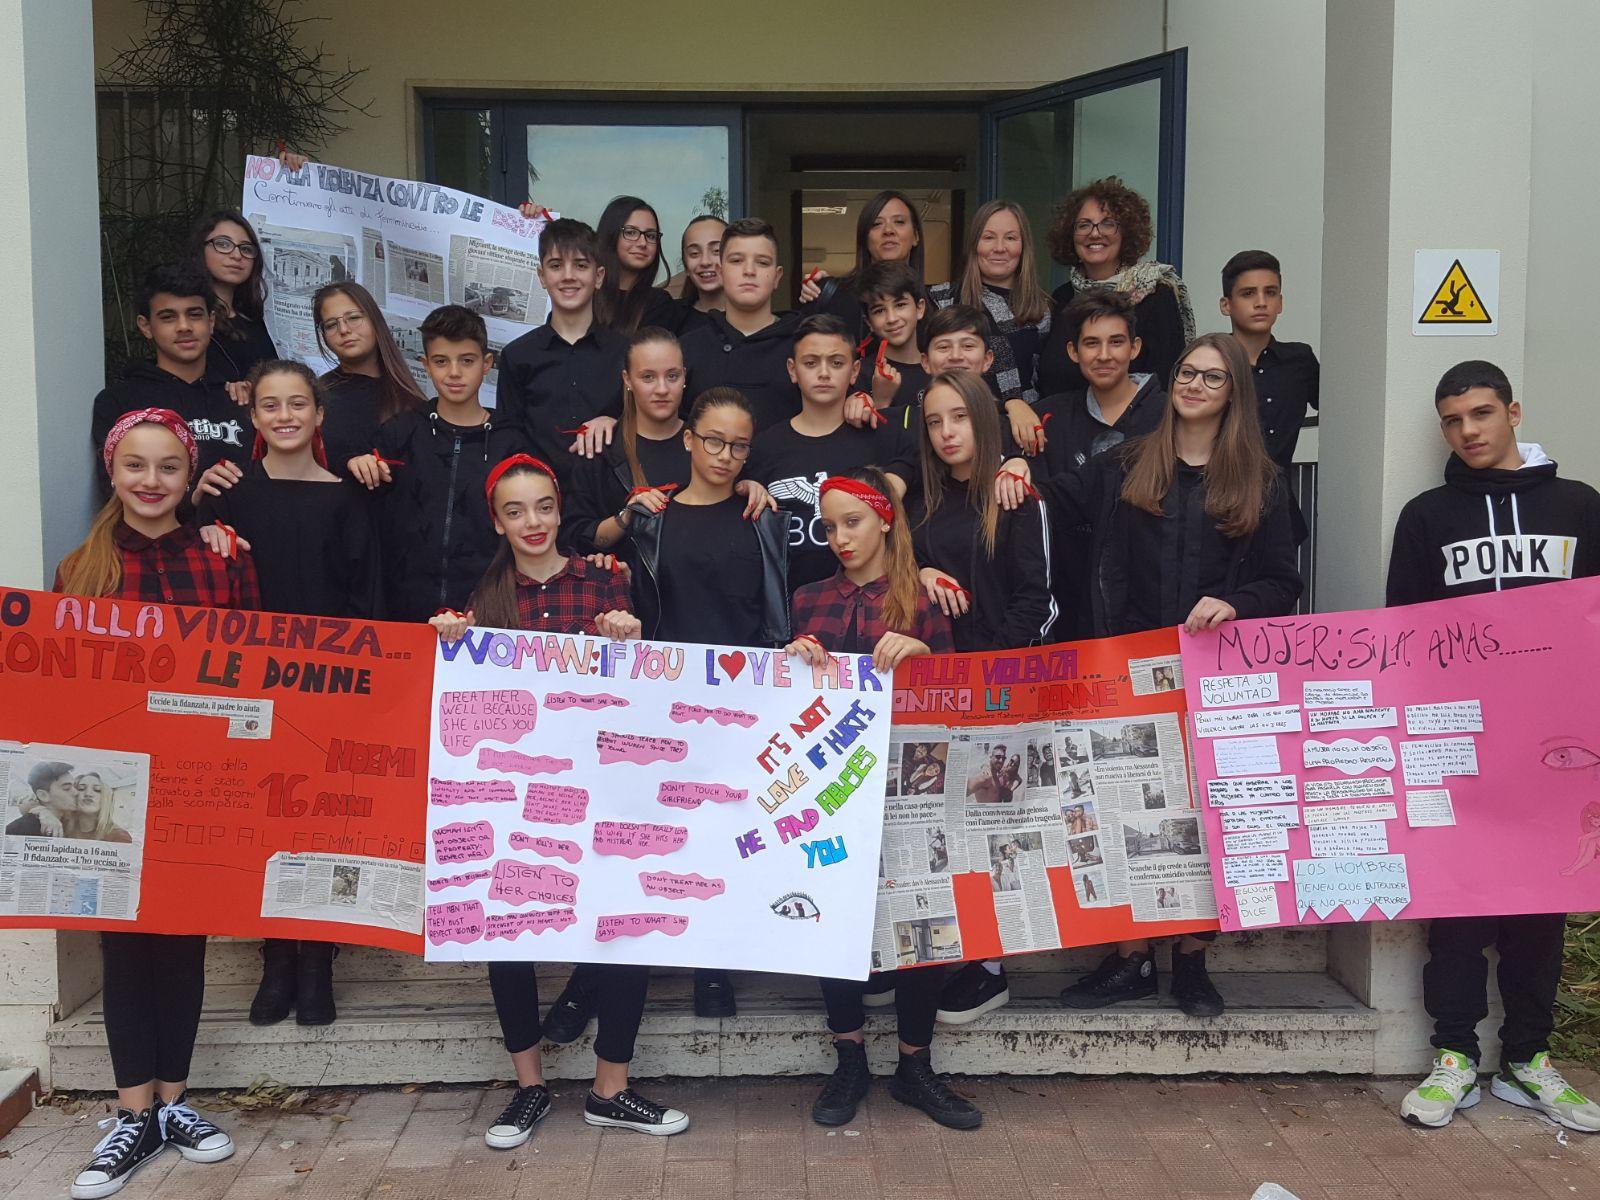 III A - Giornata nazionale contro la violenza sulle donne